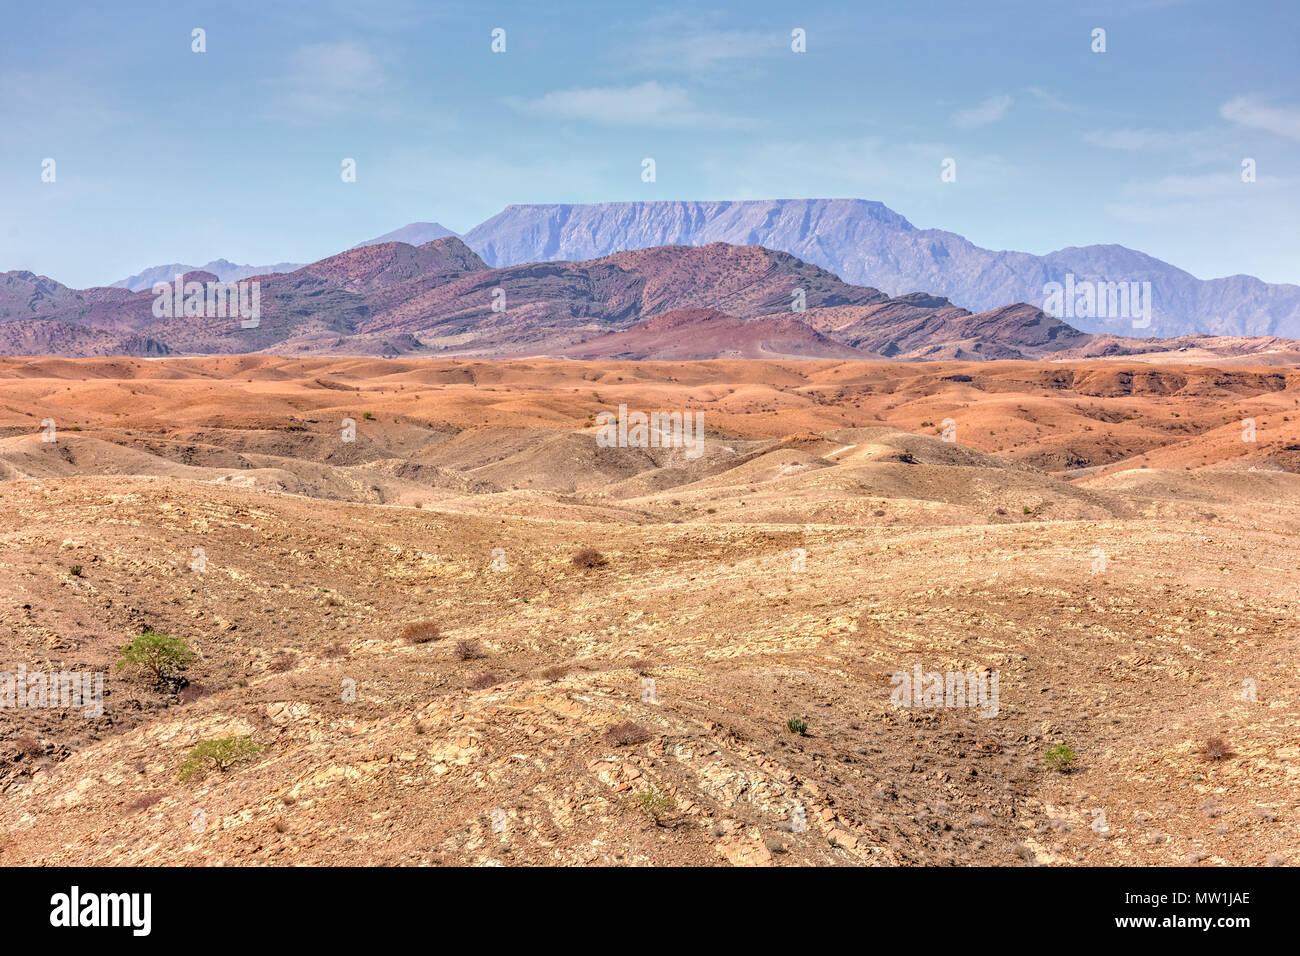 Paysage lunaire, désert du Namib, Namibie, Afrique Banque D'Images